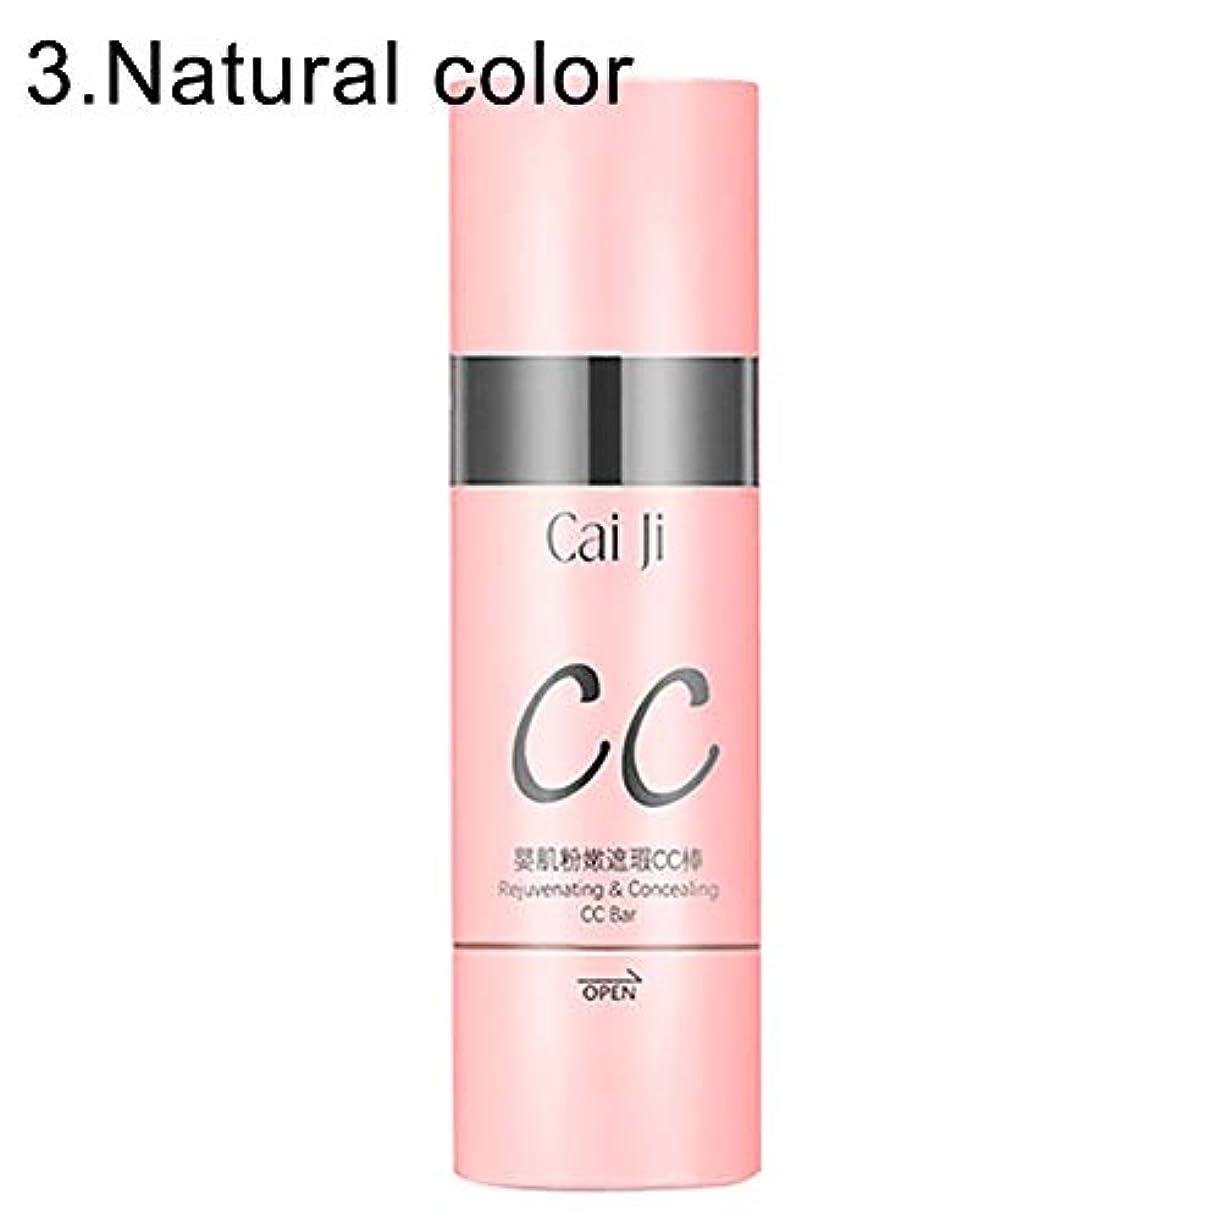 ブライトニングフェイスコンシーラーCCクリームスティック保湿防水ナチュラルメイク - ナチュラルカラーピンク*